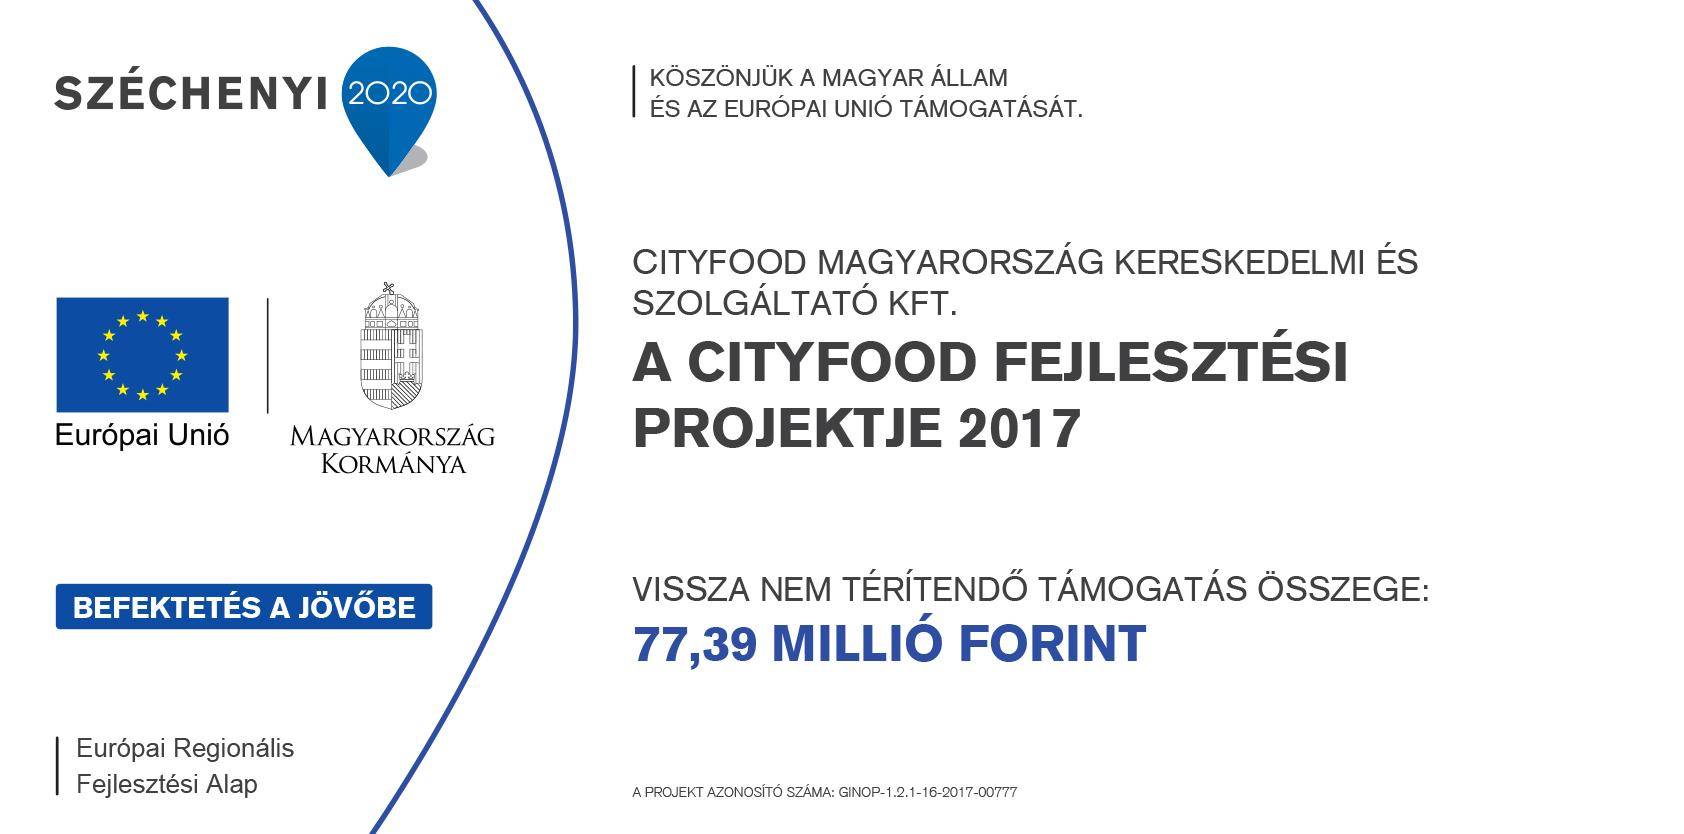 széchenyi 2020 fejlesztési projekt tábla